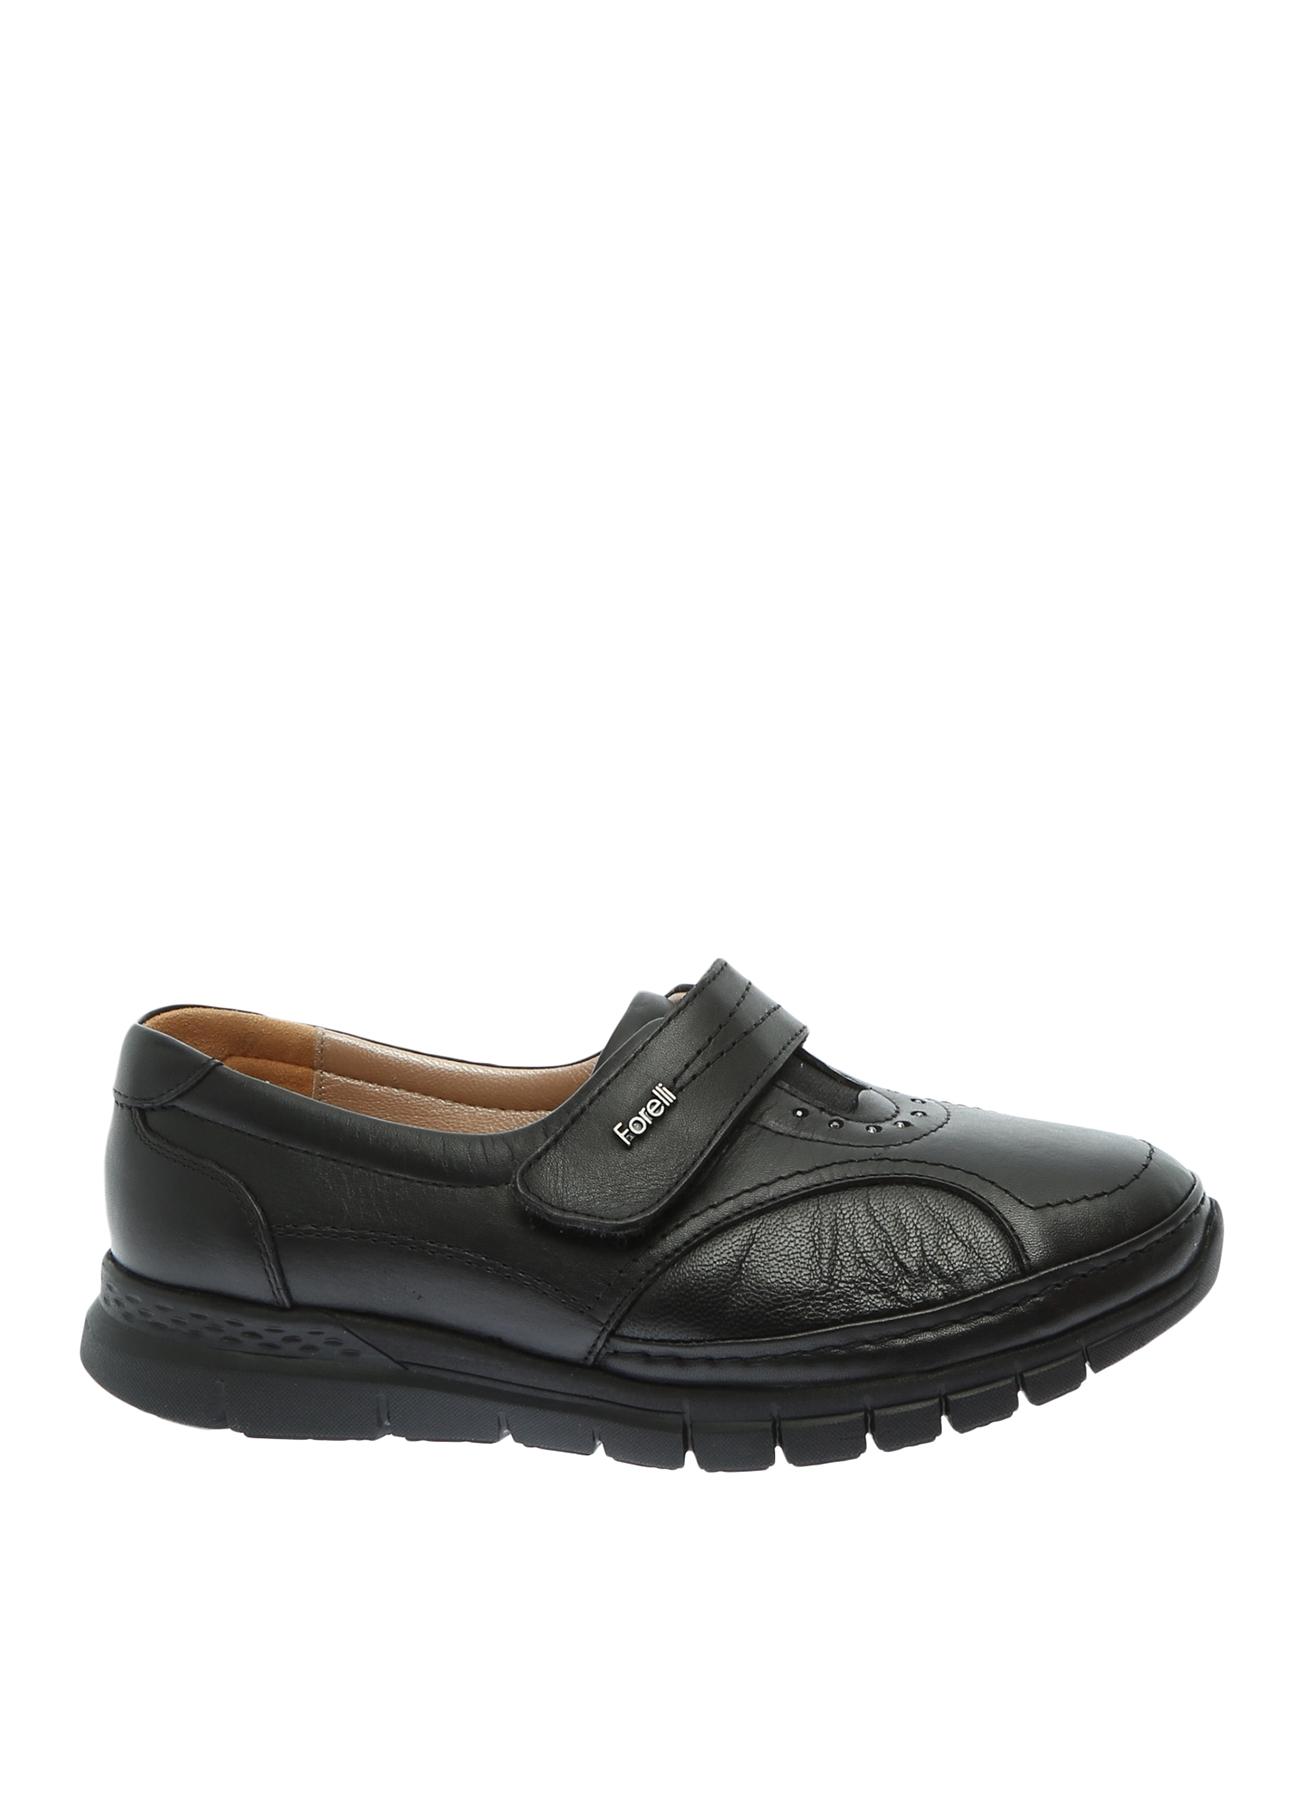 Forelli Düz Ayakkabı 38 5000368404003 Ürün Resmi